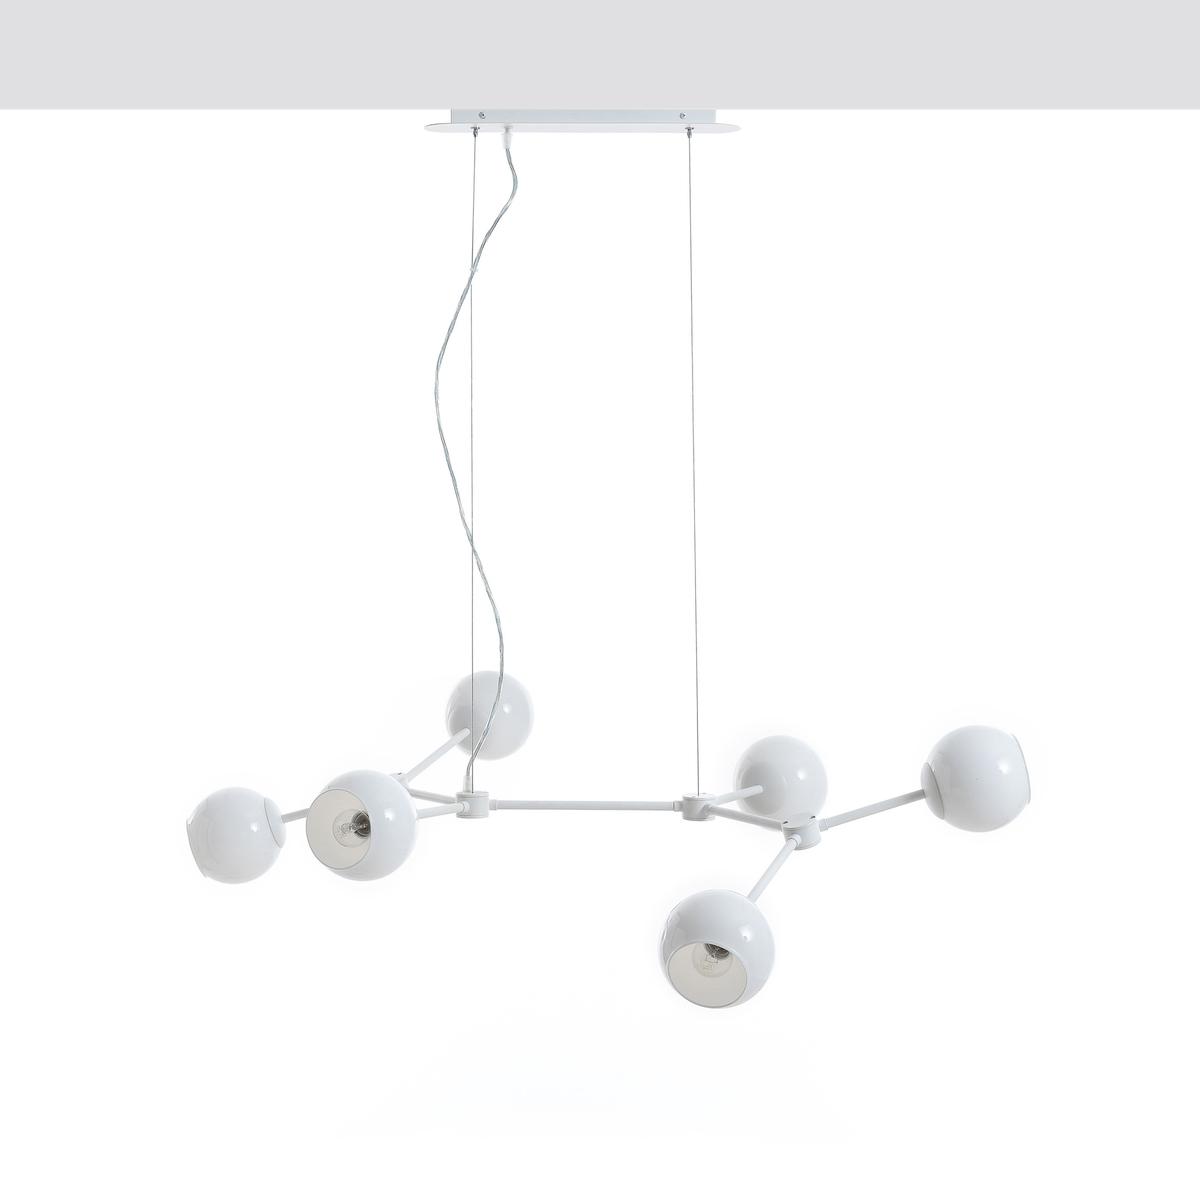 Светильник белый, AtomiumОписание :- Из белого металла и белого молочного стекла- Патрон E14 для лампочки макс 40 Вт (не входит в комплект) . Этот светильник совместим с лампочками    энергетического класса   A-B-C-D-E  .  Размеры :- Ш114 x В40 x Г66 см (при обычном расположении). Размеры и вес упаковки : - Ш100 x В17 x Г70 см, 5 кг Доставка : Возможна доставка до квартиры по предварительной договоренности!Внимание   ! Убедитесь в том, что товар возможно доставить на дом, учитывая его габариты(проходит в двери, по лестницам, в лифты).<br><br>Цвет: белый